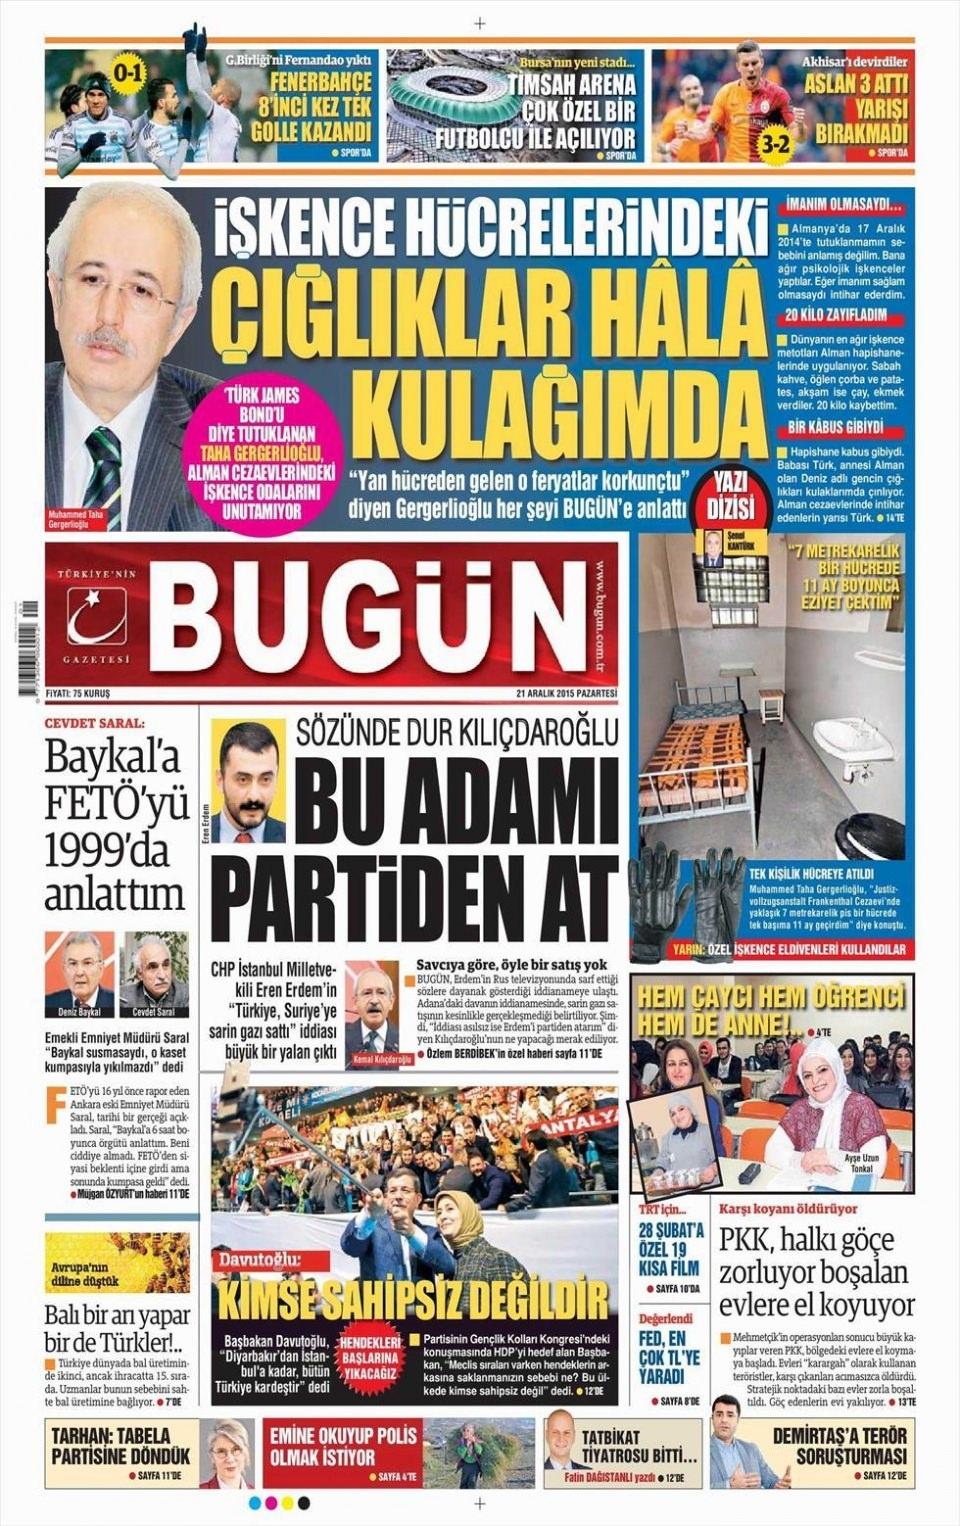 21 Aralık 2015 gazete manşetleri 27